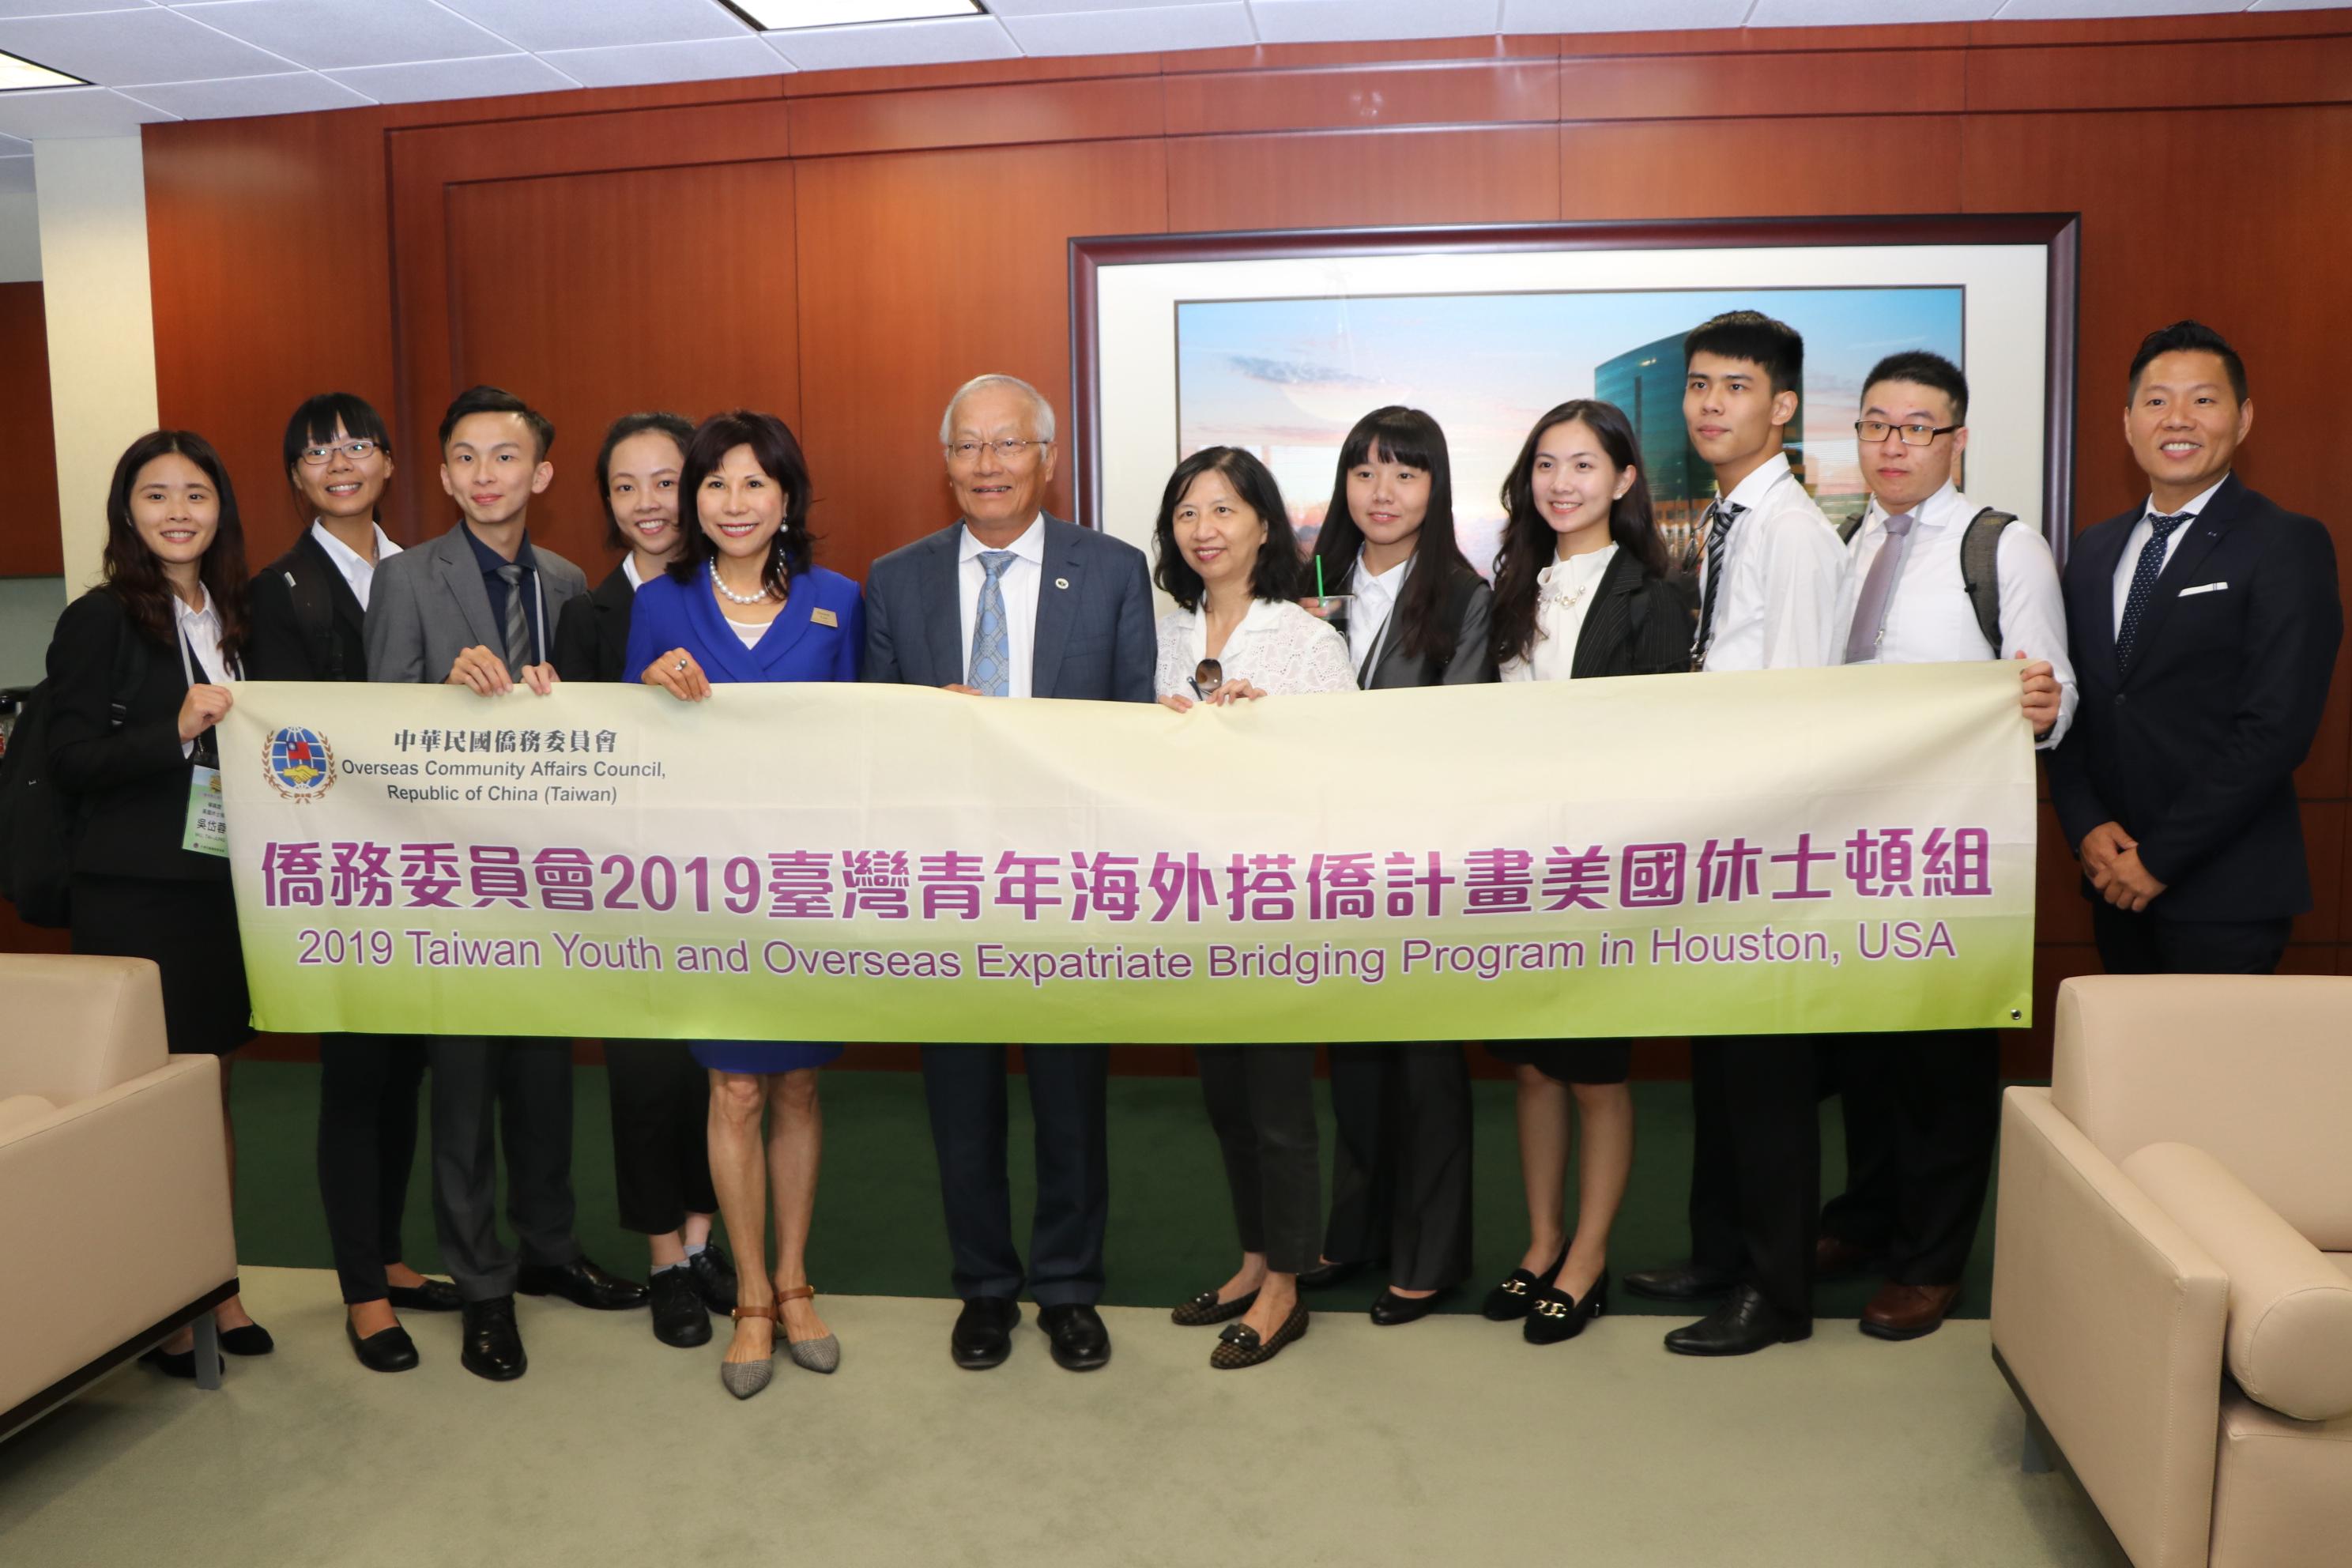 恆豐銀行董事長吳文龍(左六)在辦公室接見來自台灣的八位學子,鼓勵他們放膽追夢。